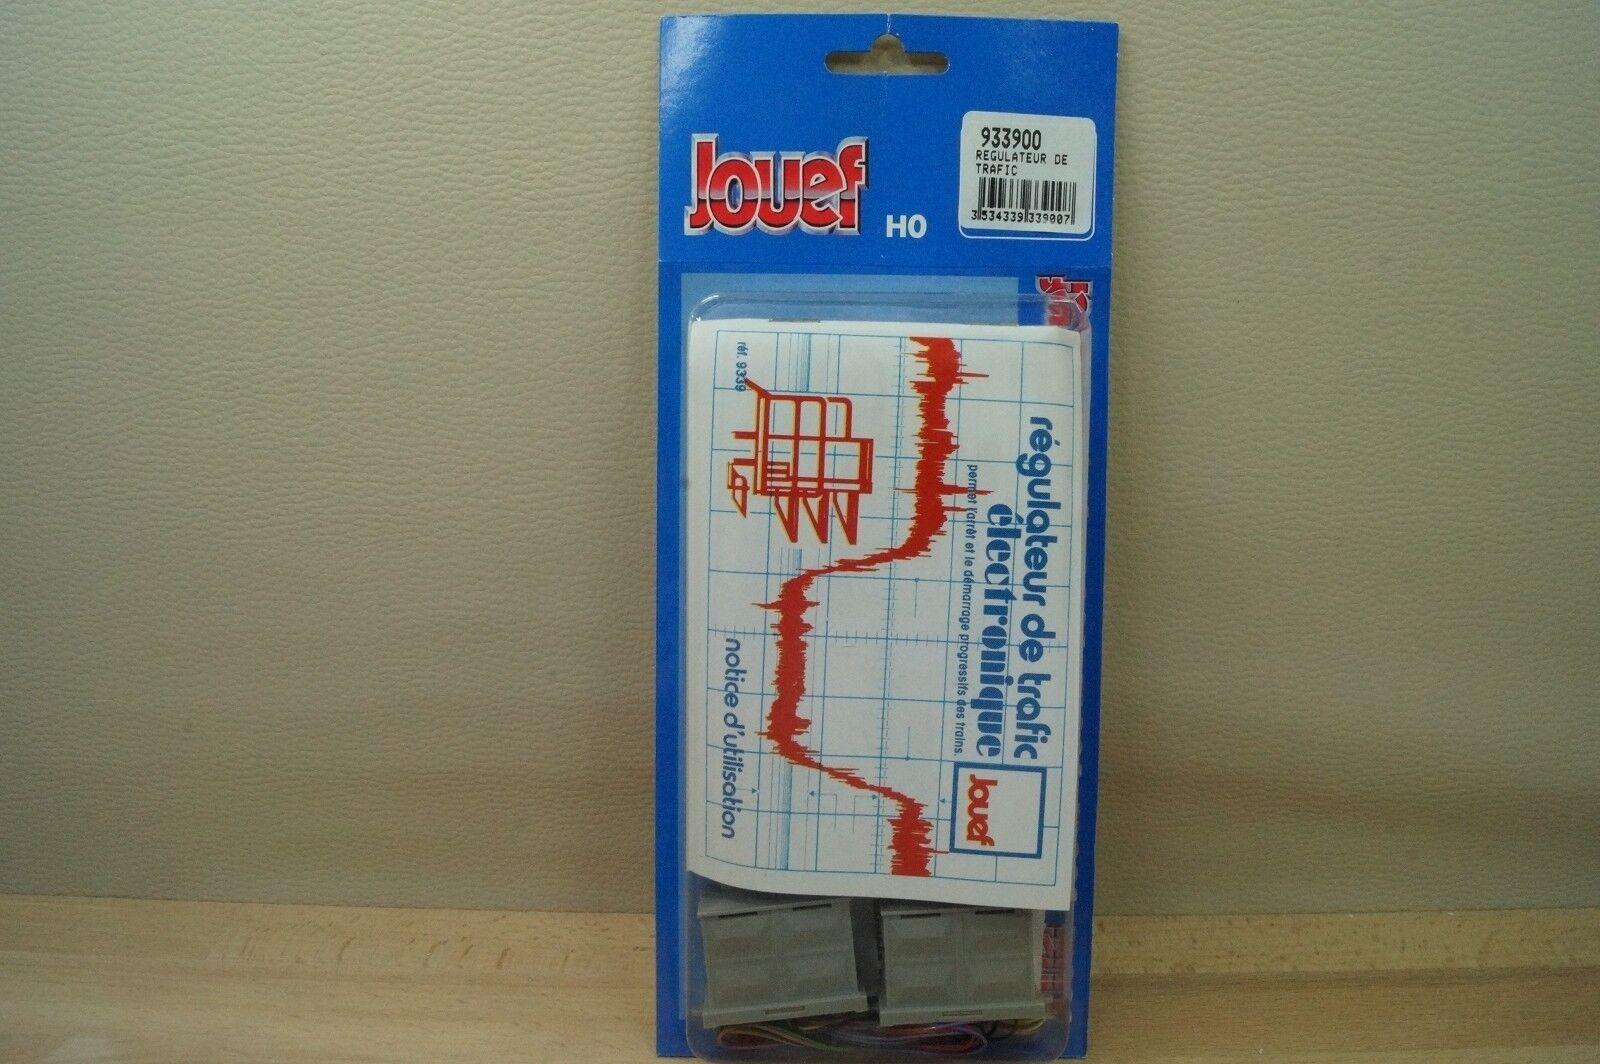 gli ultimi modelli Jouef 933900 régulateur régulateur régulateur de trafic électronique neuf en BO sous blister (1)  prezzi bassissimi